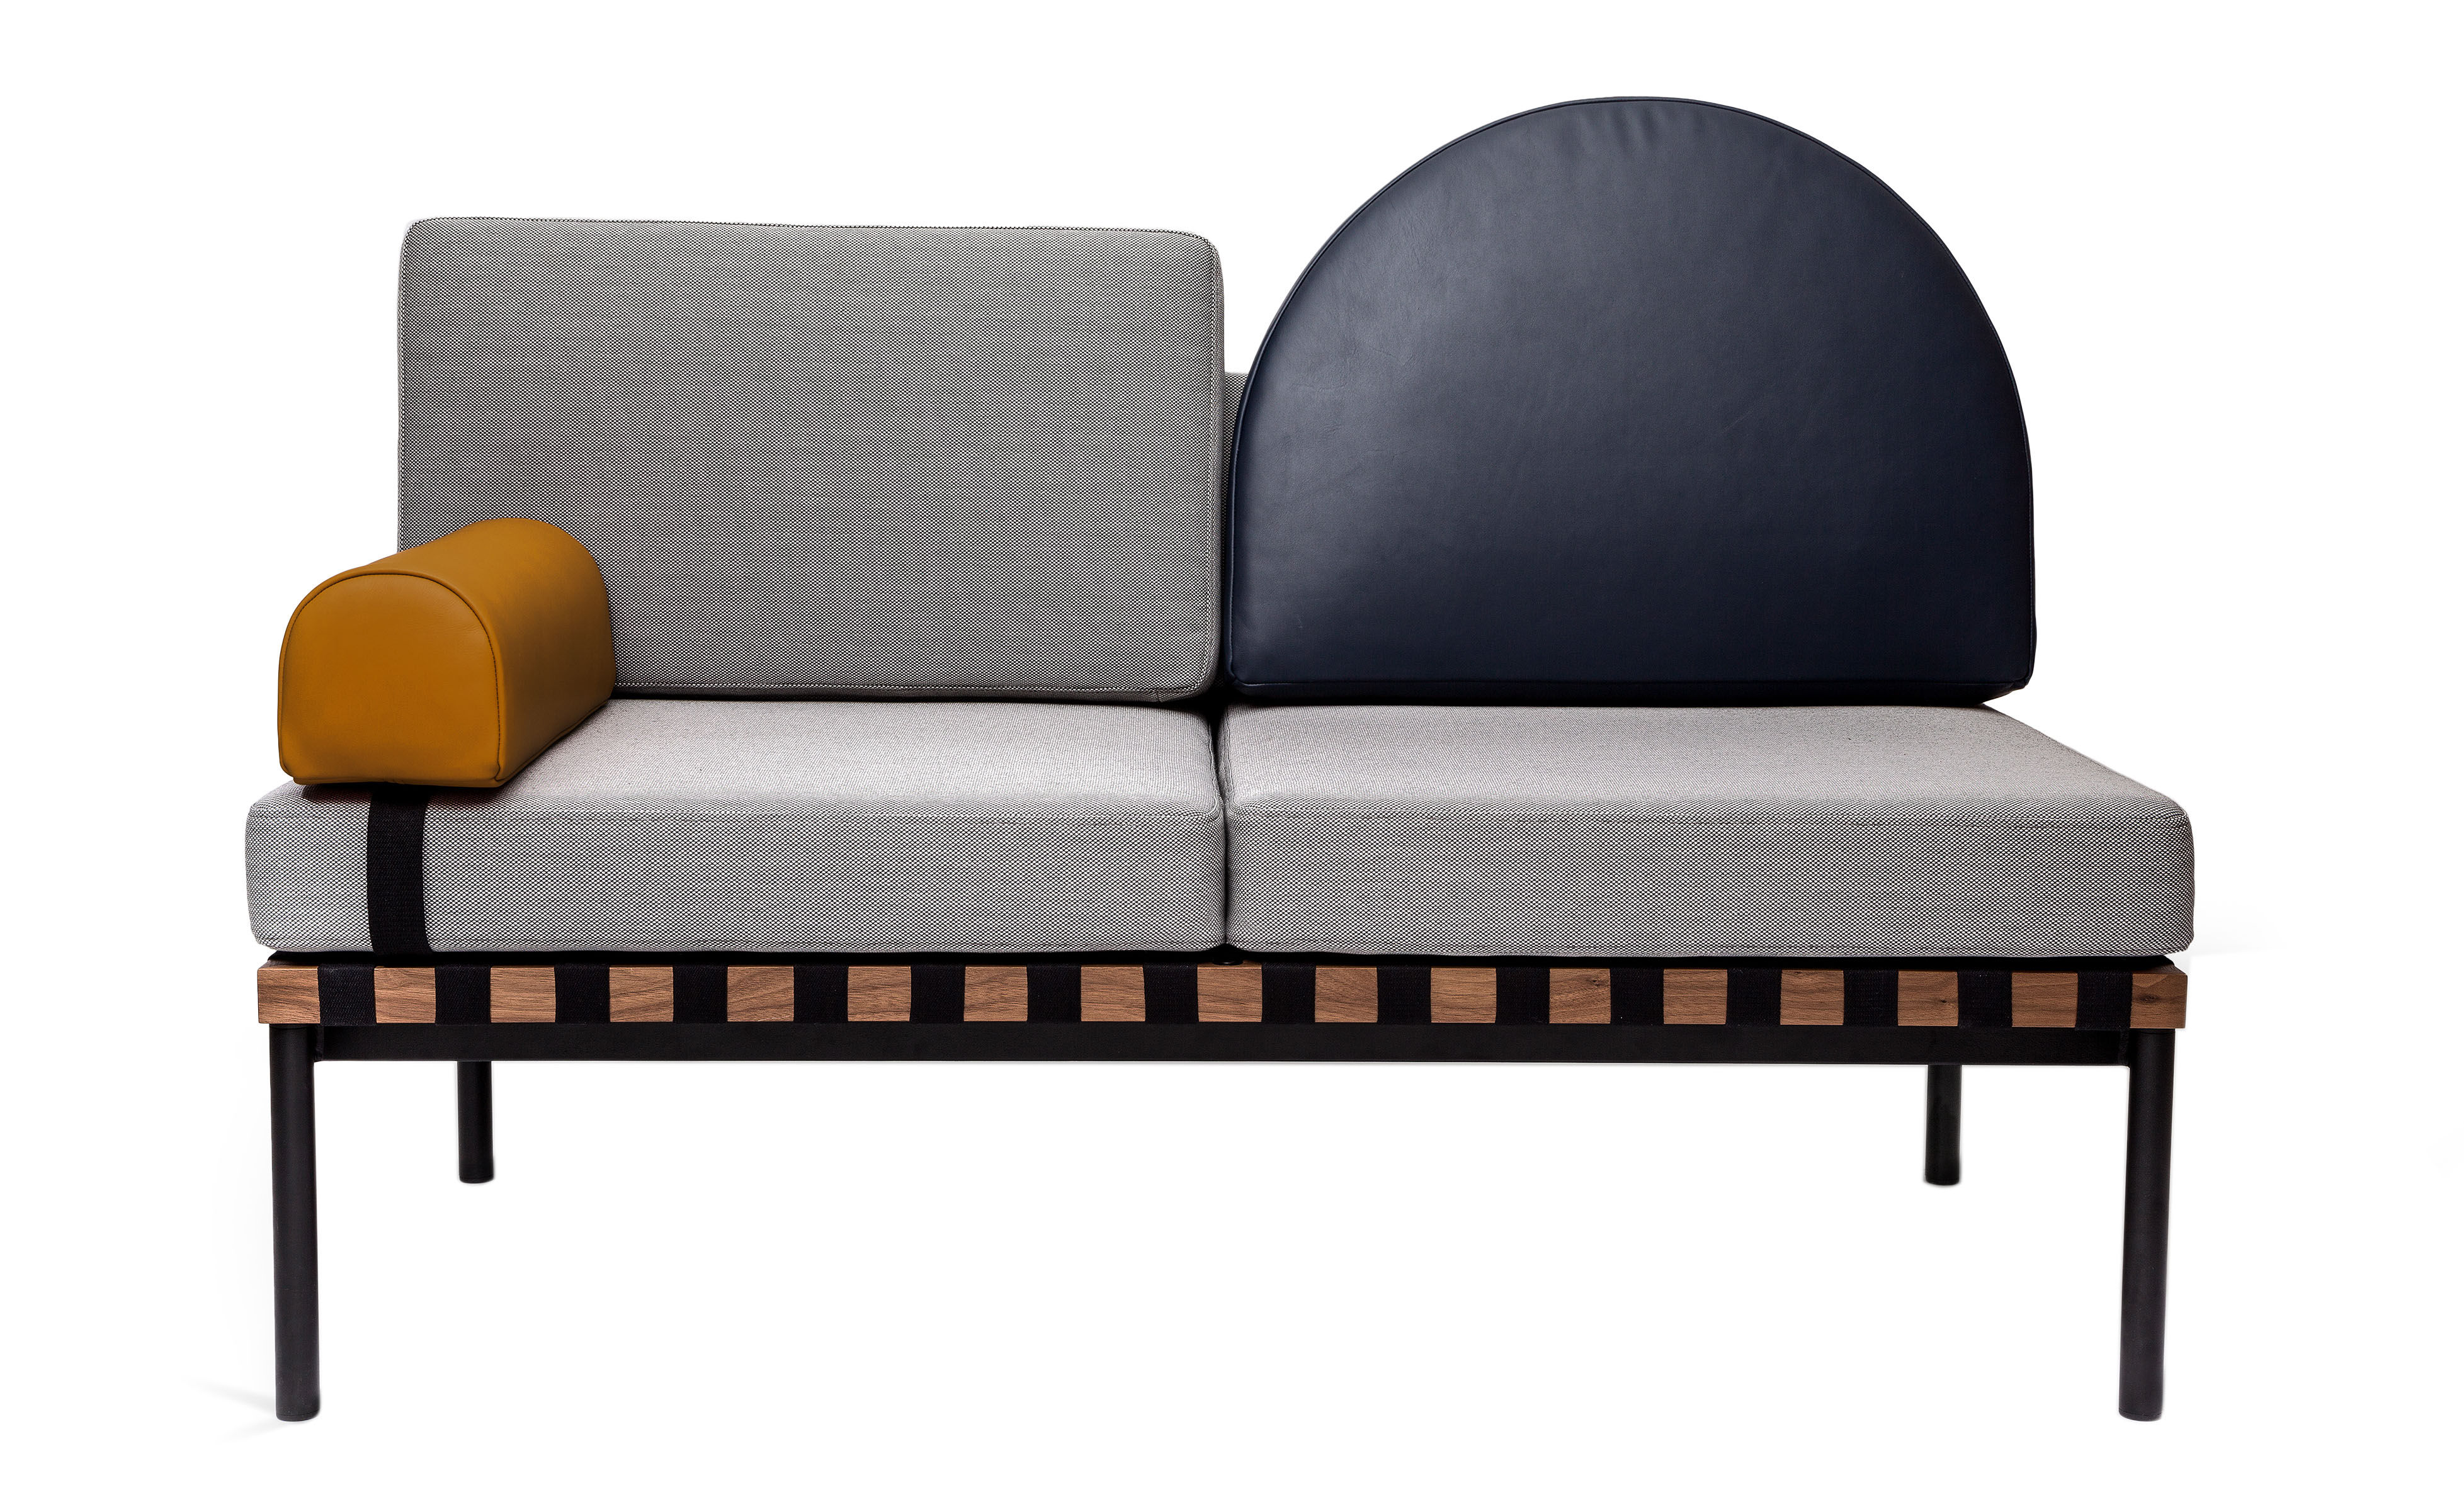 canap 2 places grid modulable l 187 cm gris bleu. Black Bedroom Furniture Sets. Home Design Ideas